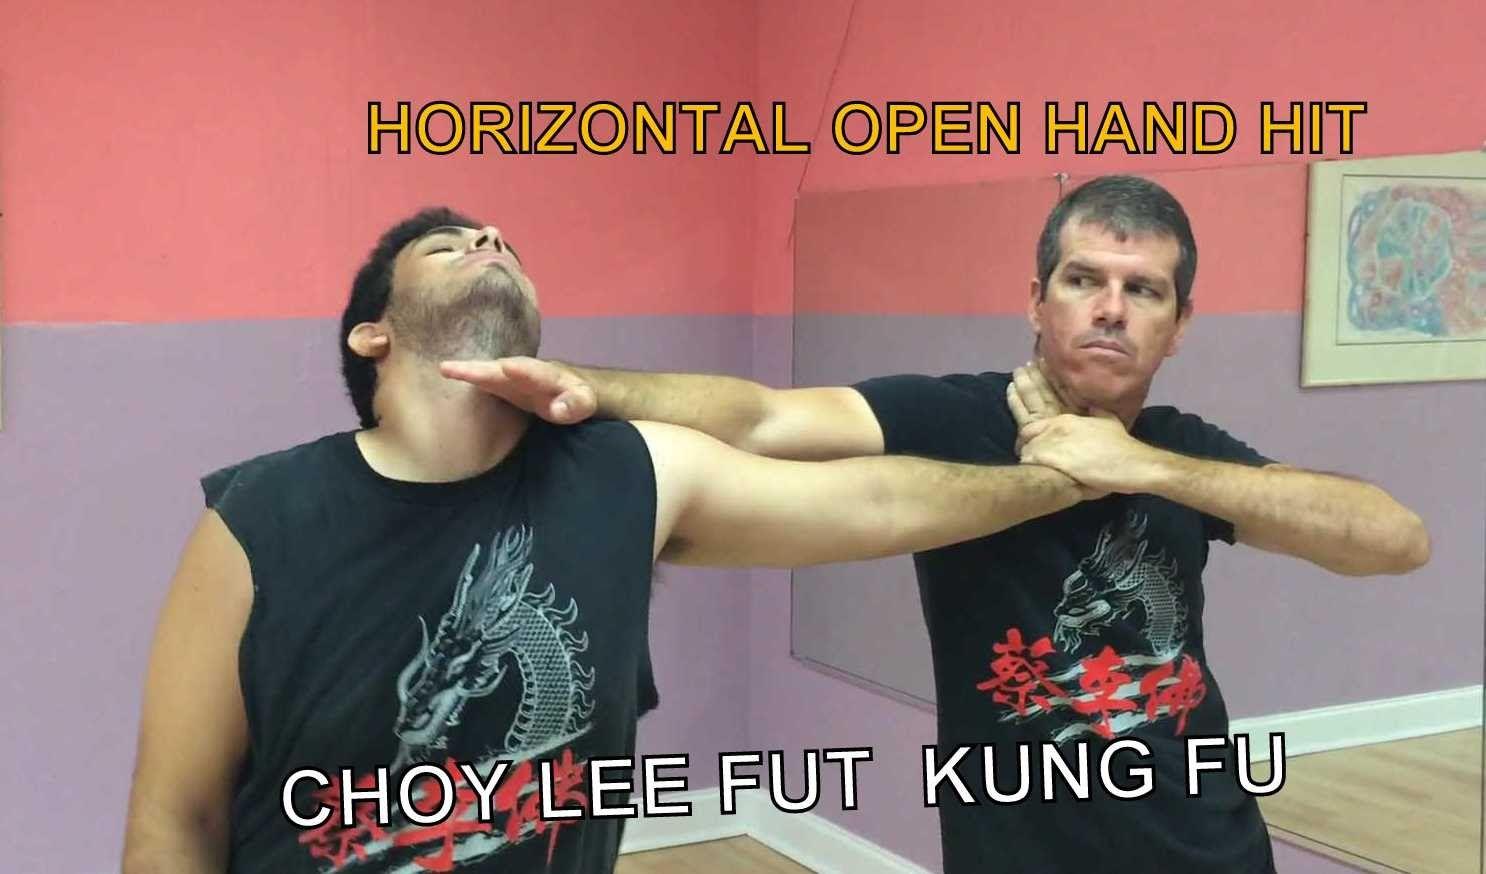 Kung Fu Horizontal Open Hand Hit   Open hands, Kung fu, Hands